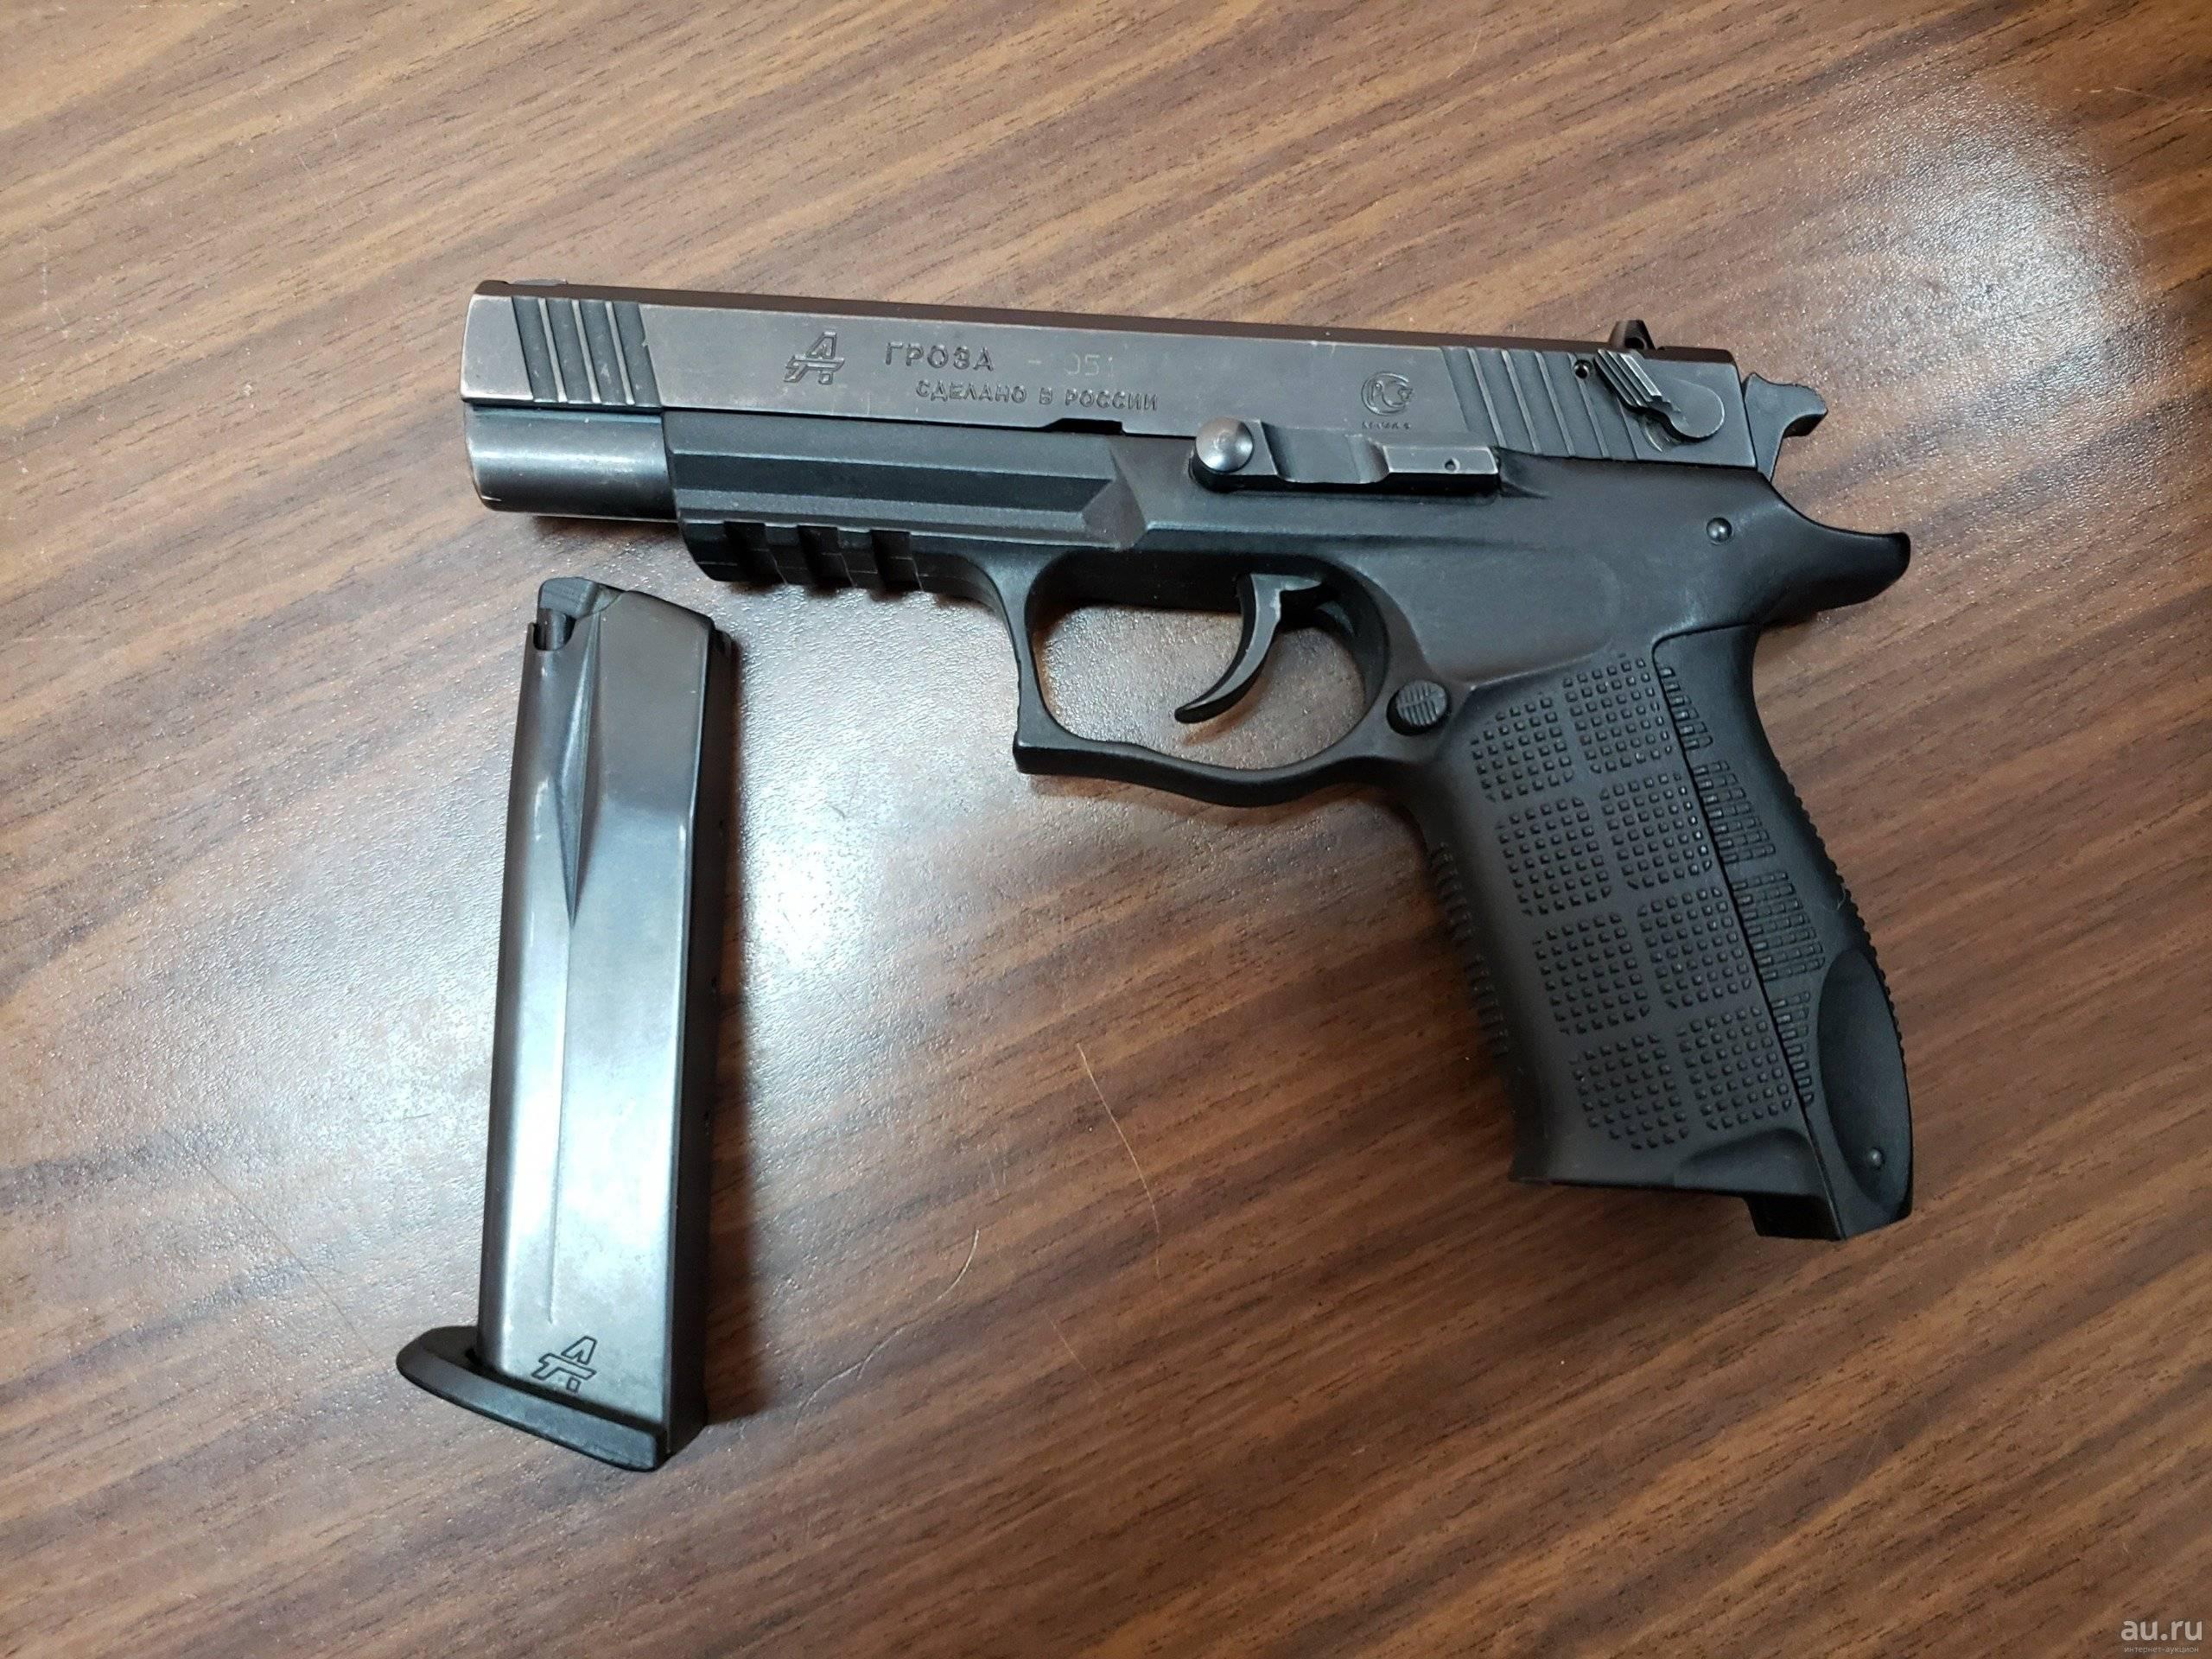 Почему травматический пистолет гроза-051 обладает большой популярностью?